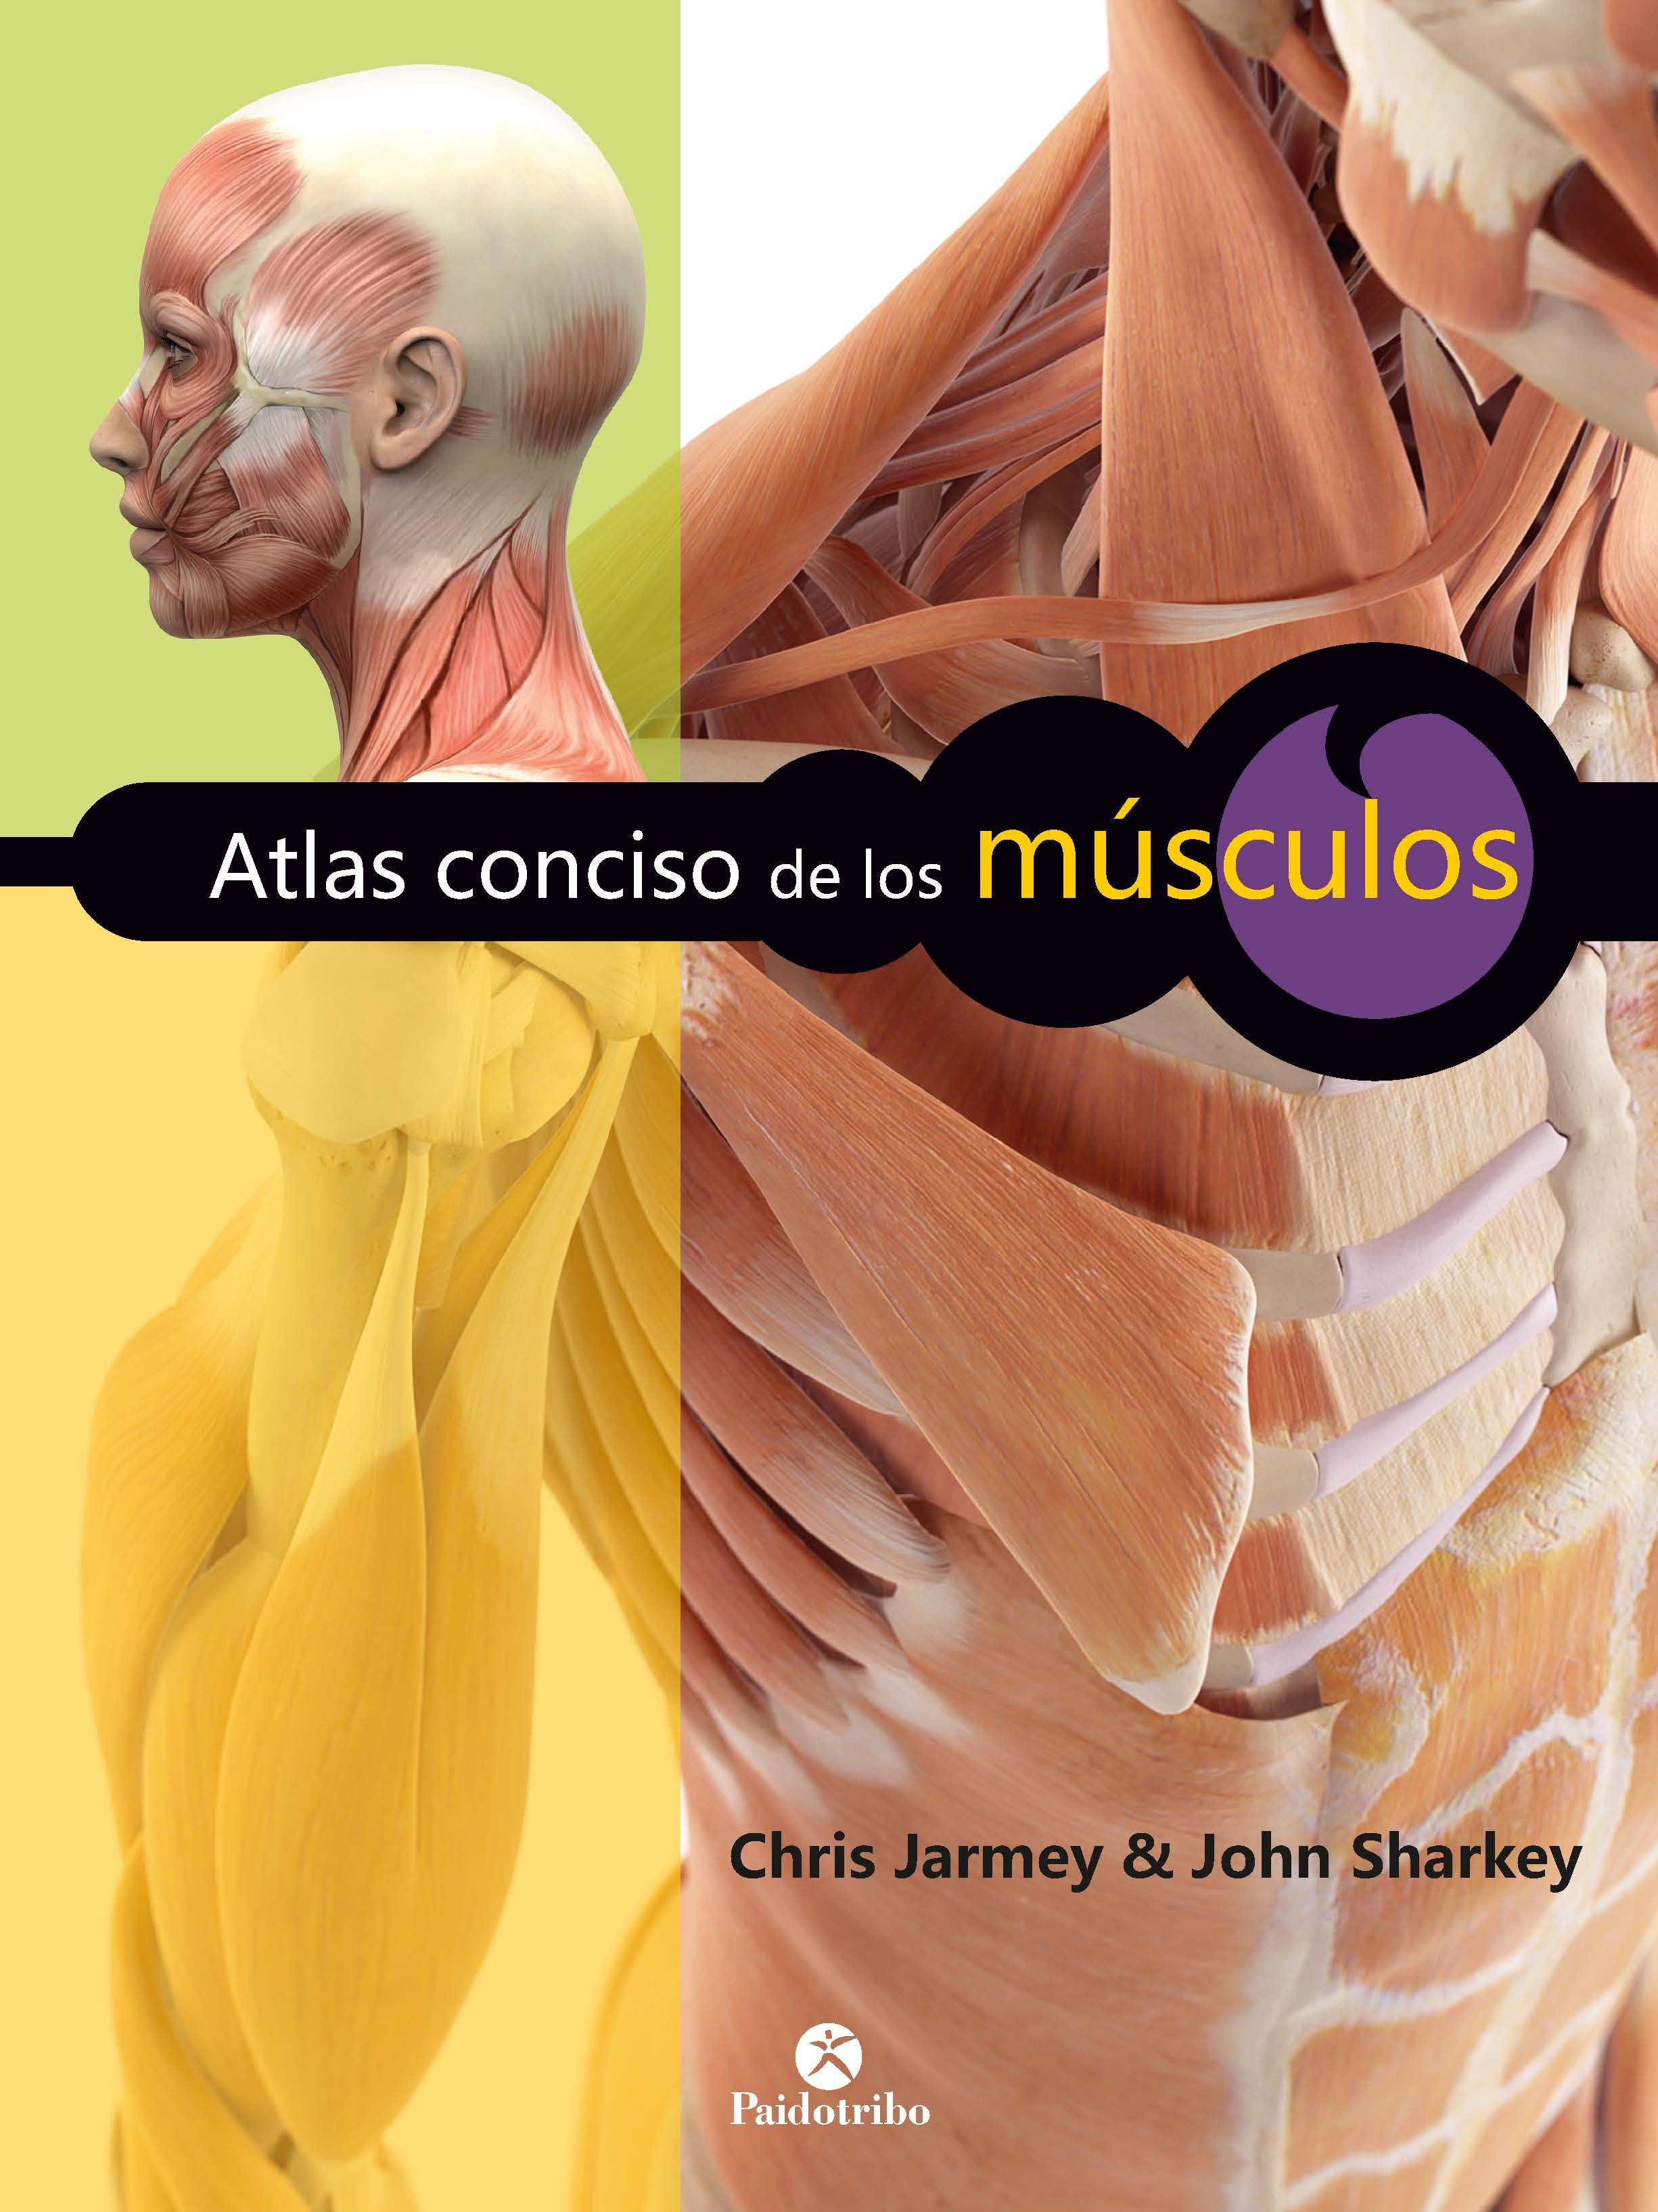 ATLAS CONCISO DE LOS MÚSCULOS - NUEVA EDICIÓN (COLOR) EBOOK   CHRIS ...